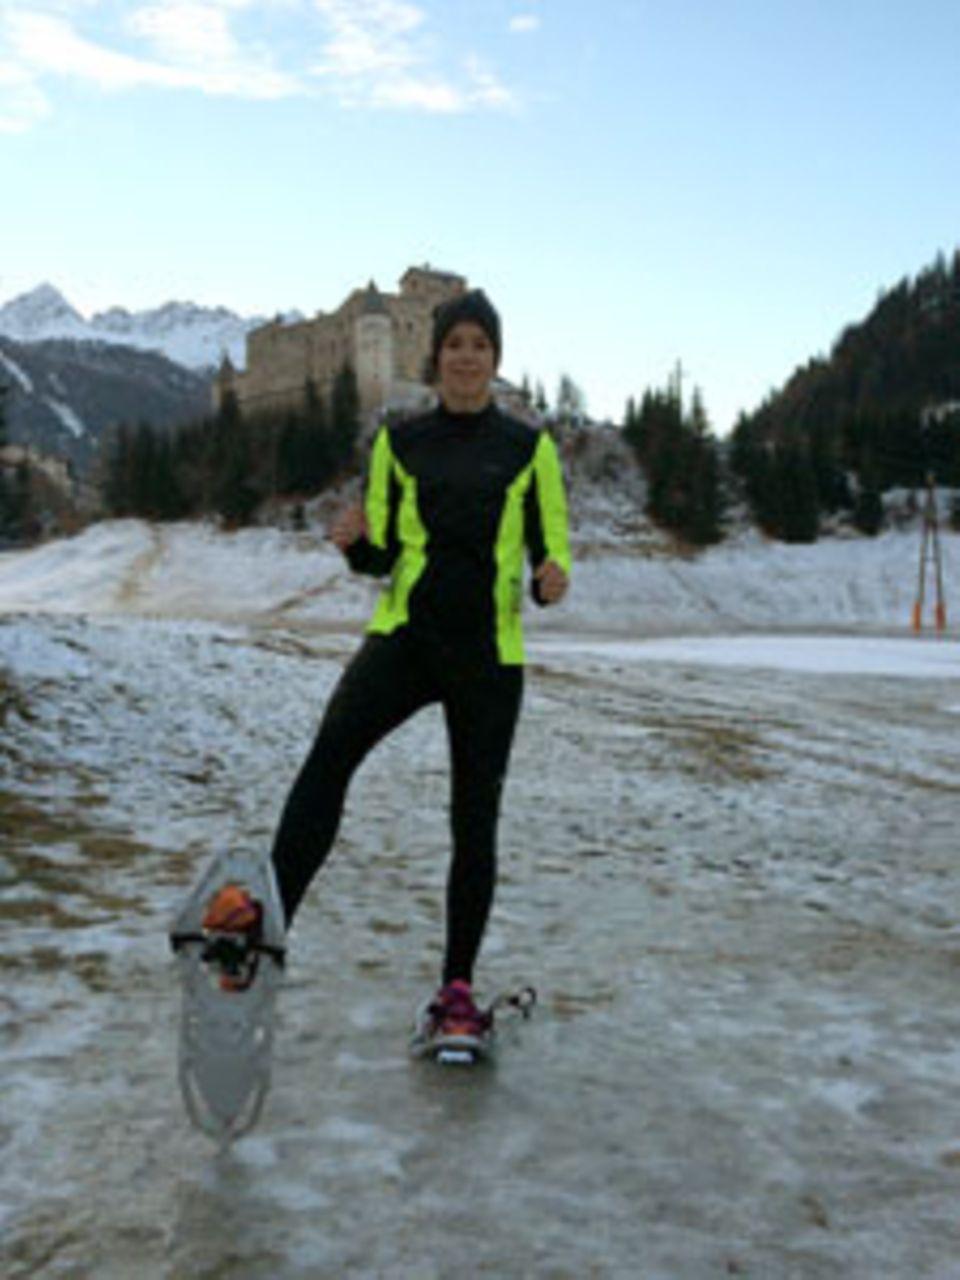 Ausgepowert, aber glücklich: Daniela Stohn nach ihrer ersten Laufrunde auf Schneeschuhen.